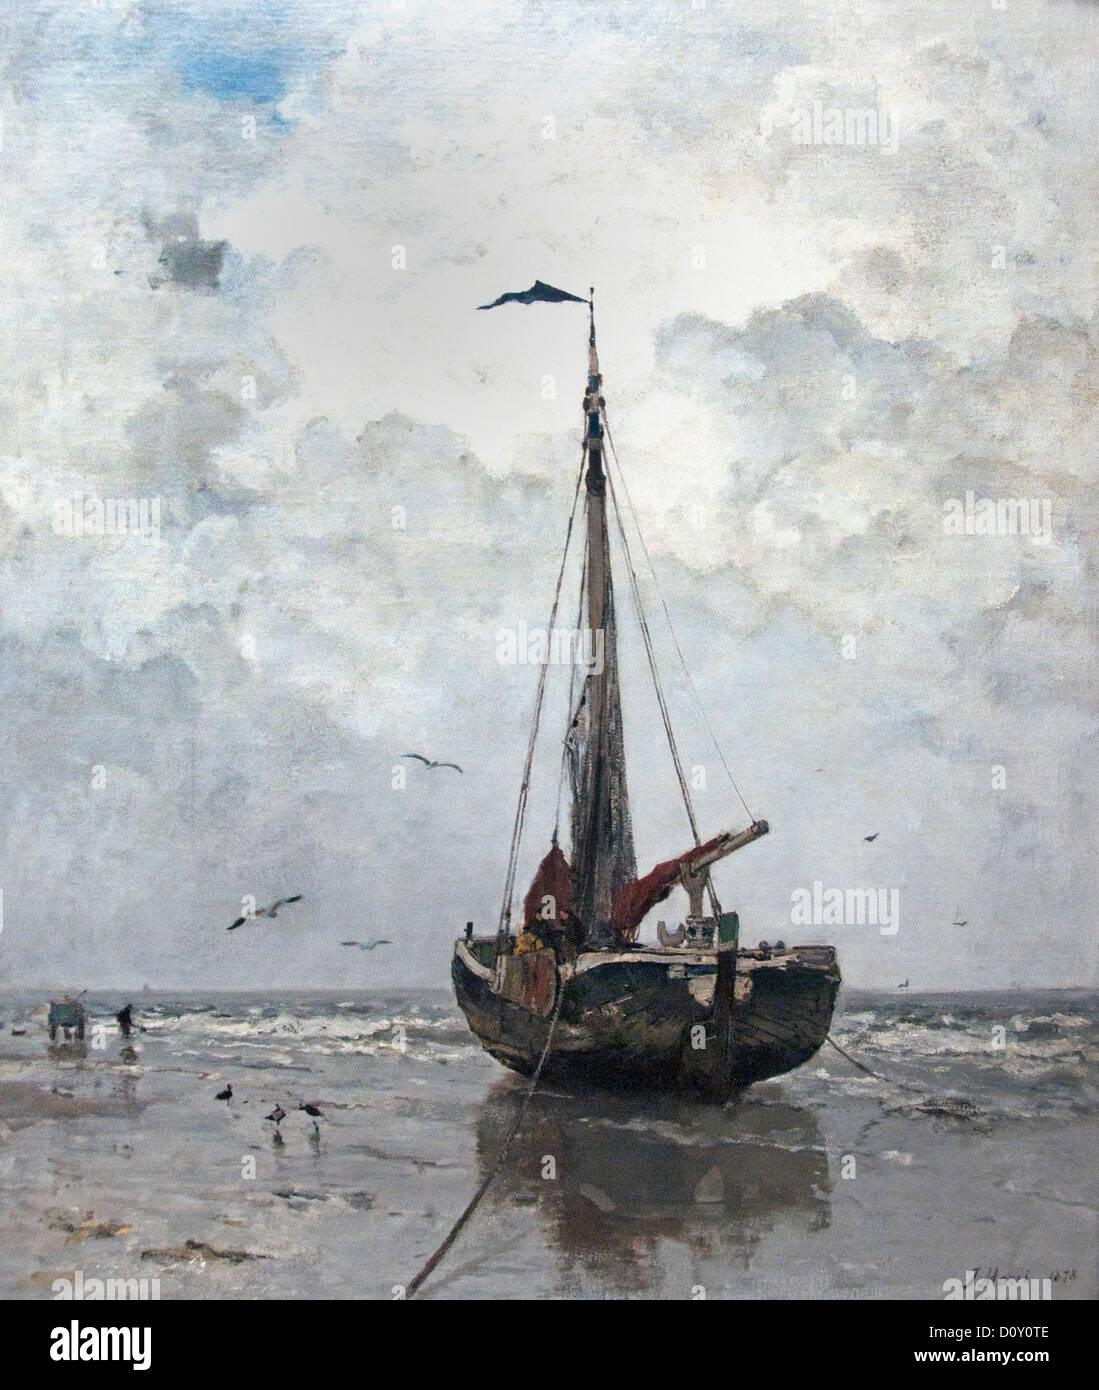 Bateau de pêche 1878 Jacobus ( Jacob ) Hendricus Maris 1837-1899 ( Bateaux de pêche aux Pays-Bas La Haye Photo Stock